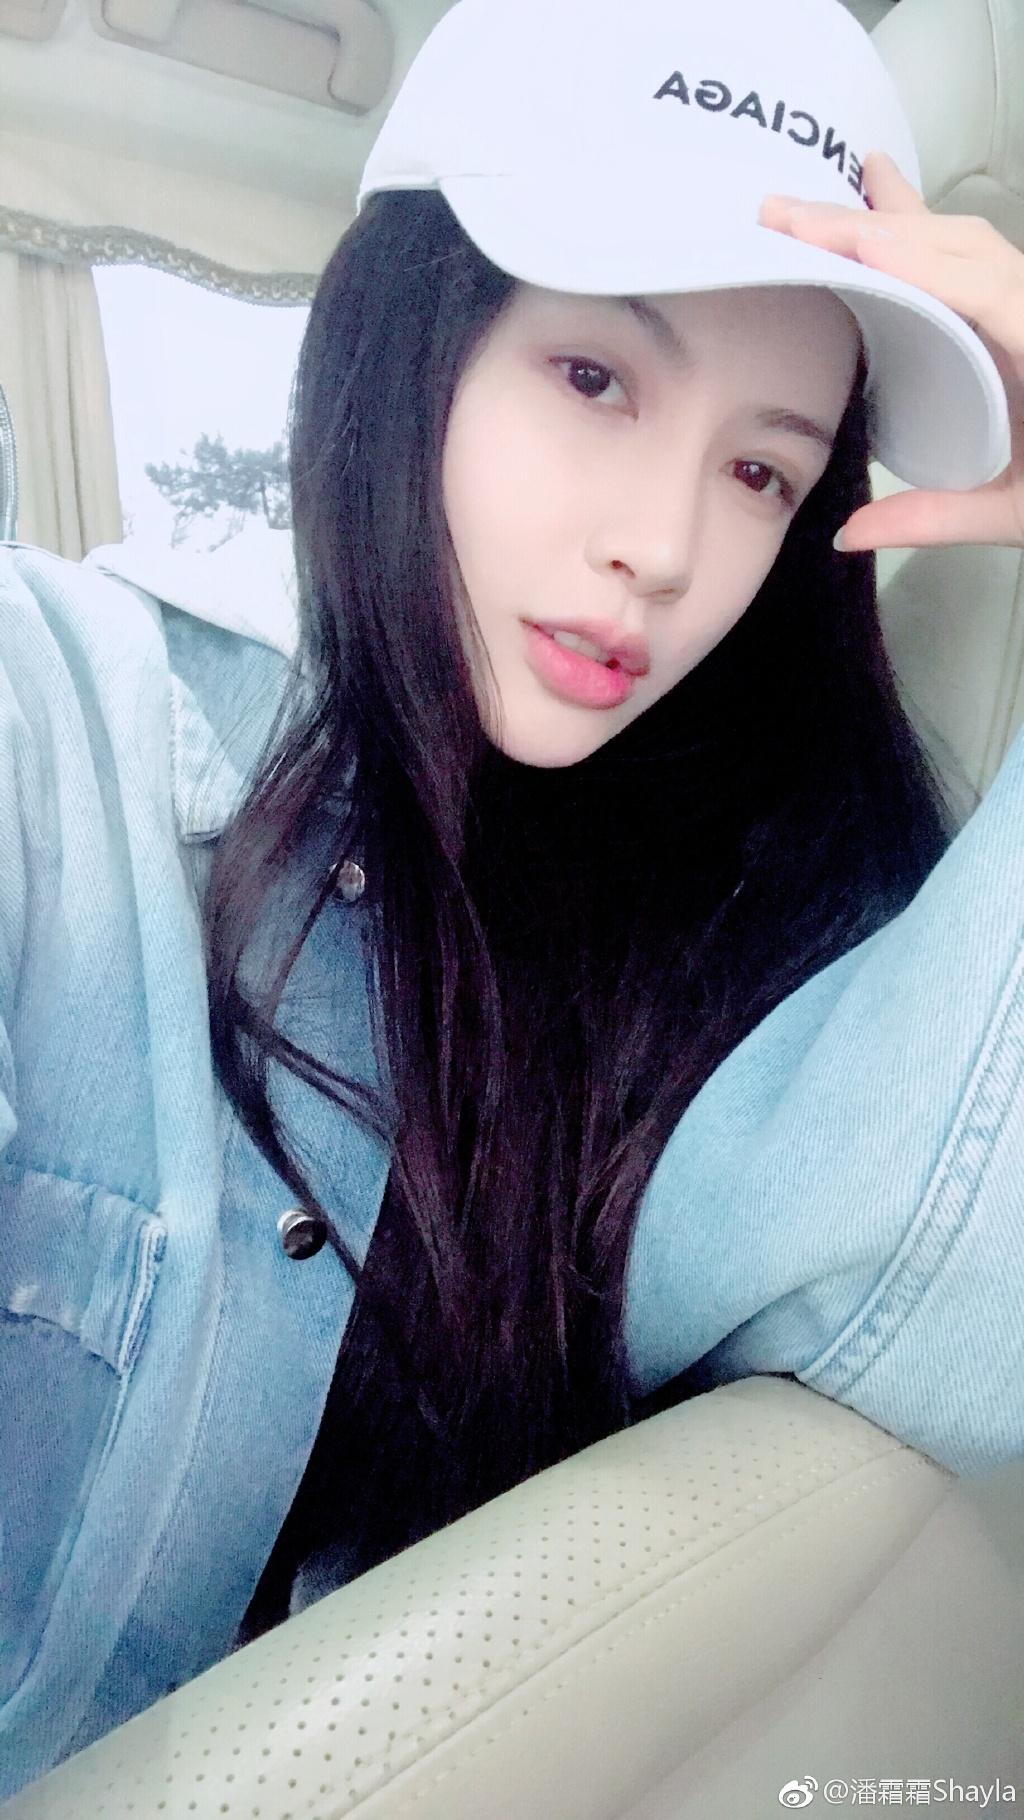 潘霜霜6段视频 林峰前女友成功勾起我们的吃瓜热情! liuliushe.net六六社 第13张